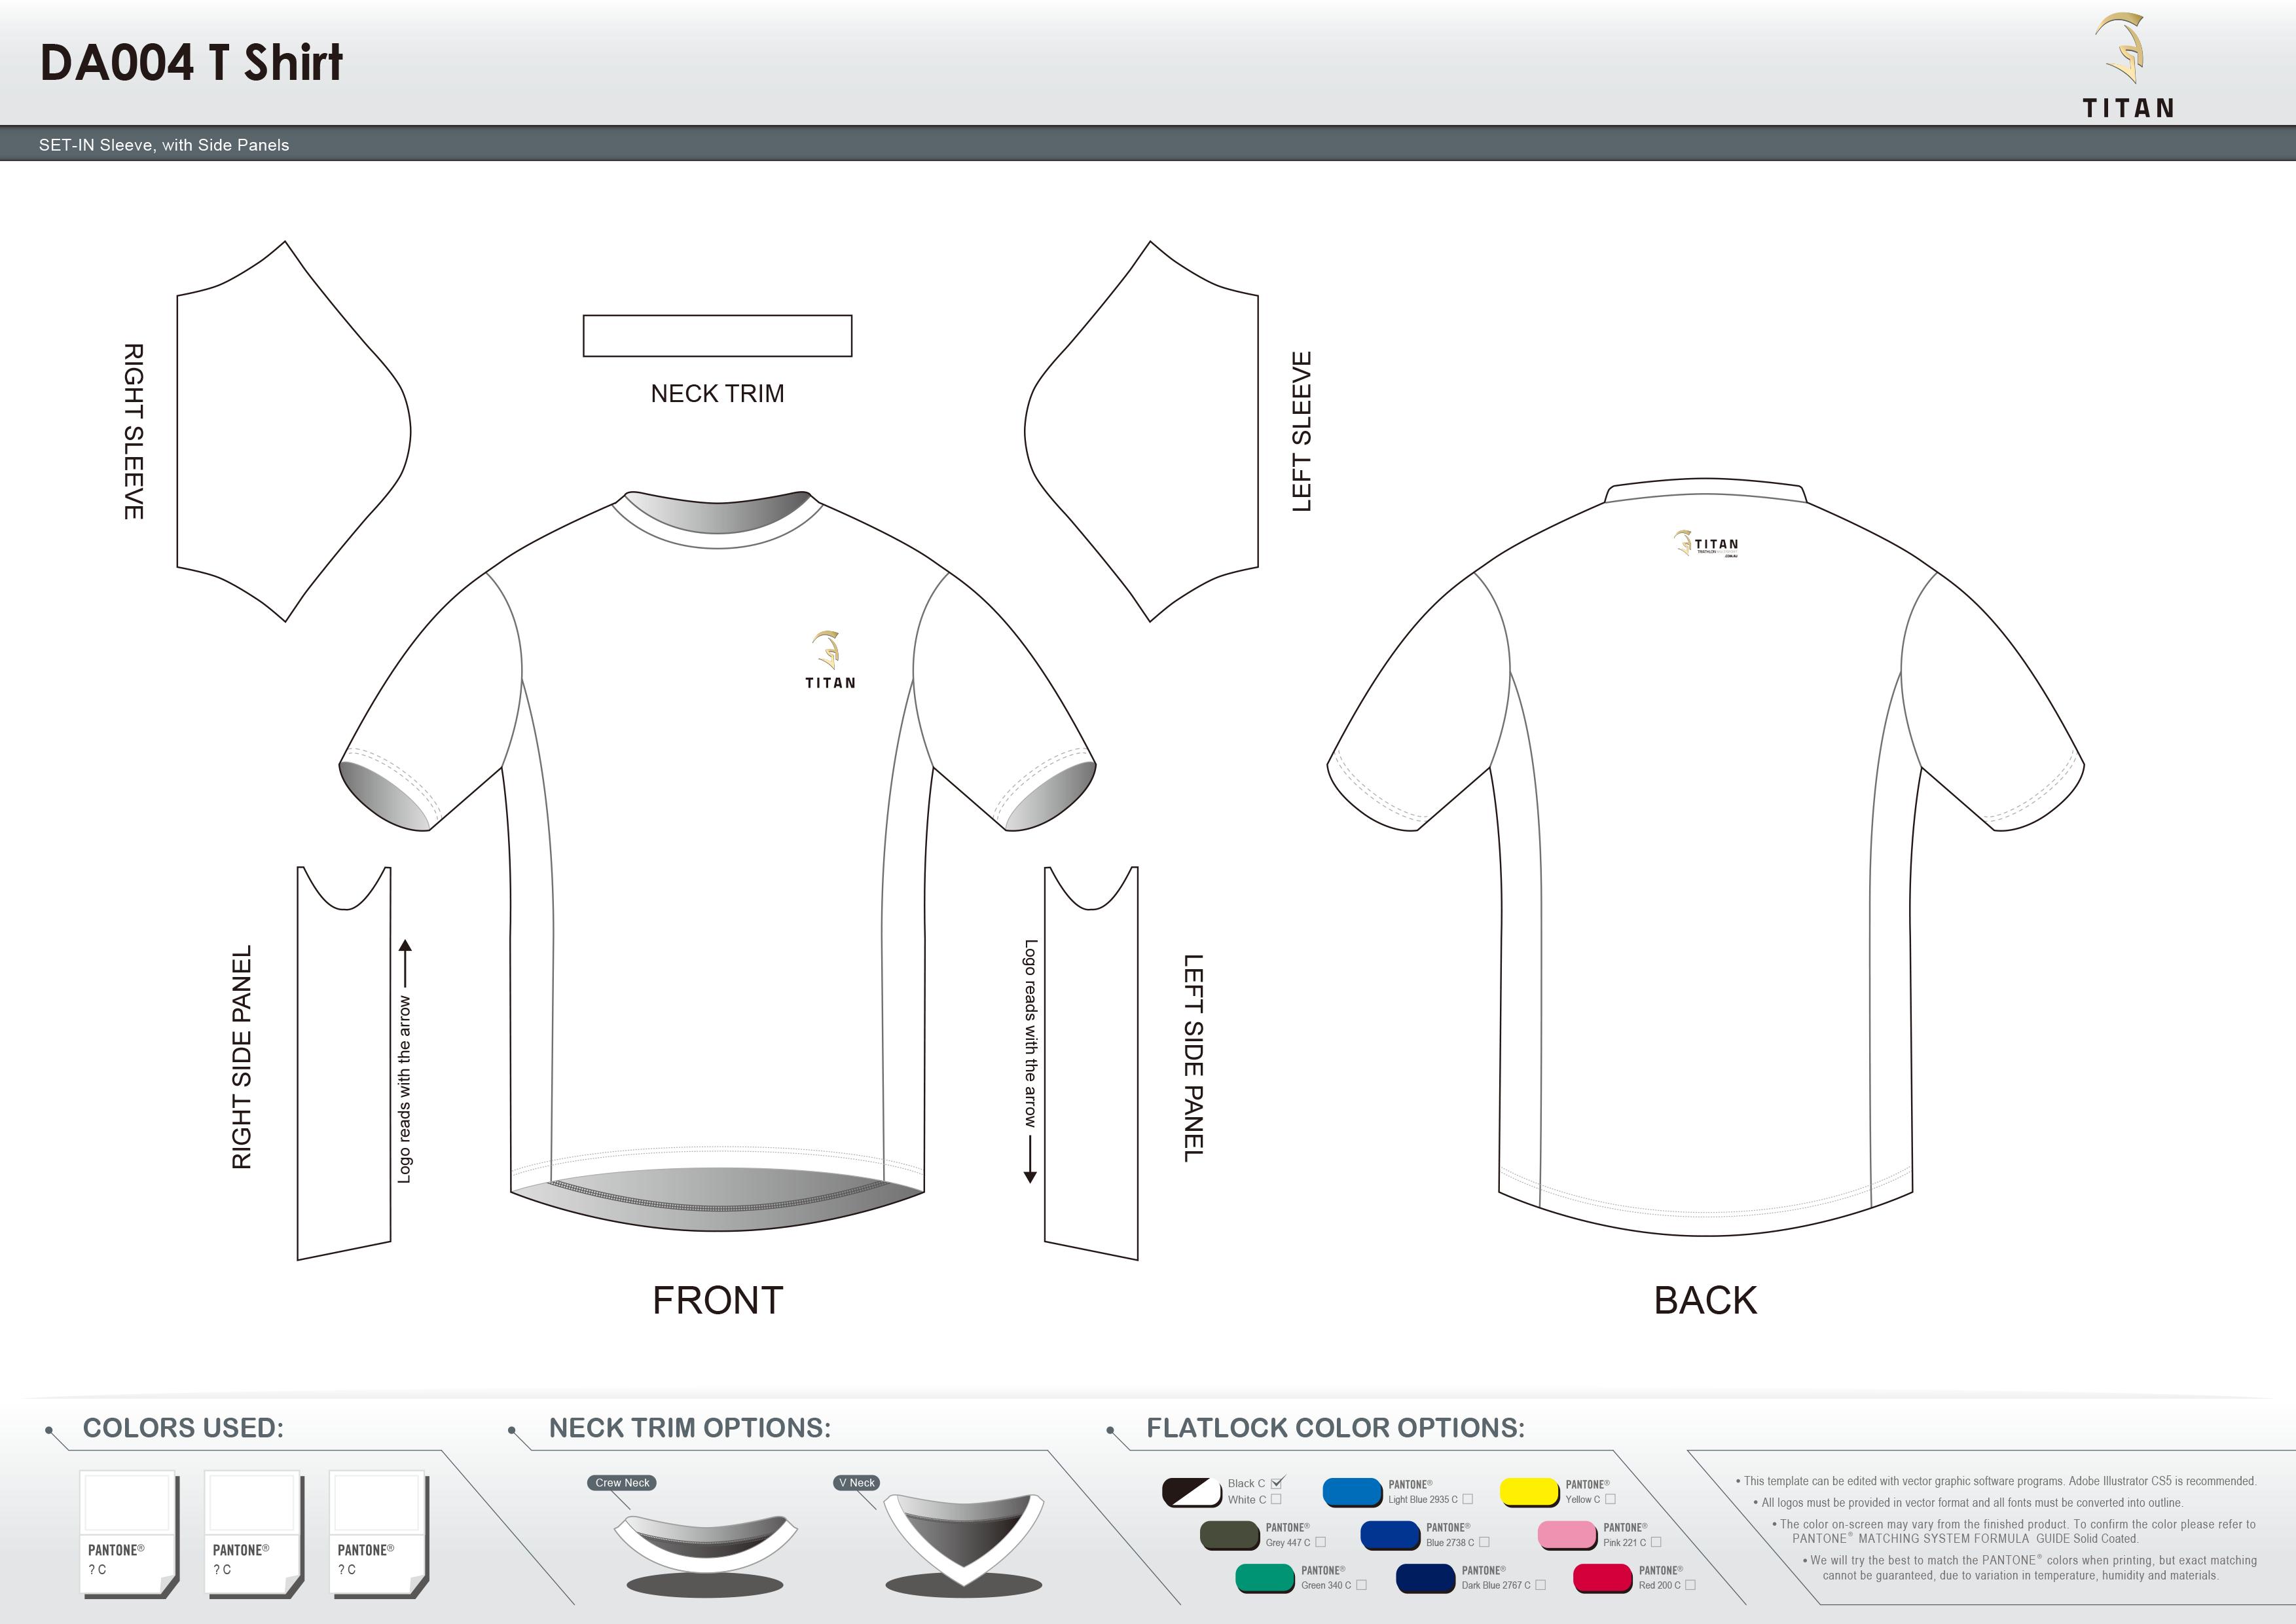 DA004 T Shirt